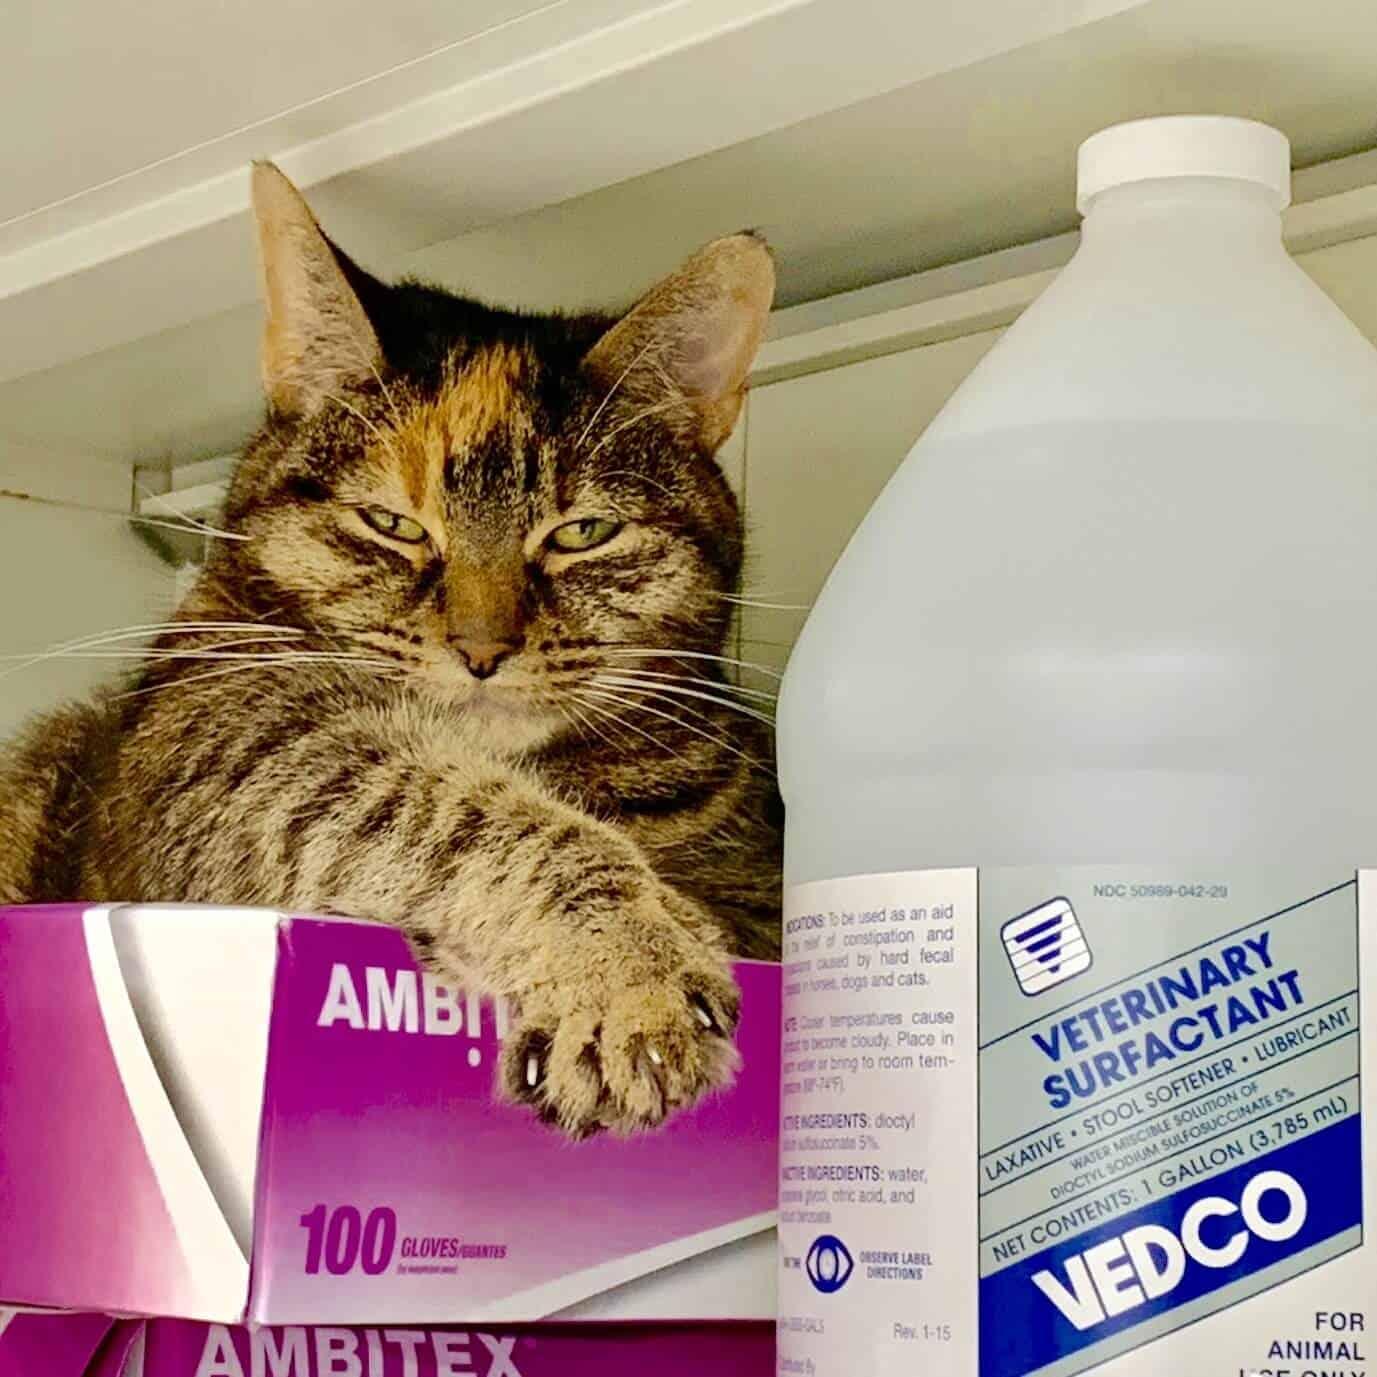 Cat vet hospital